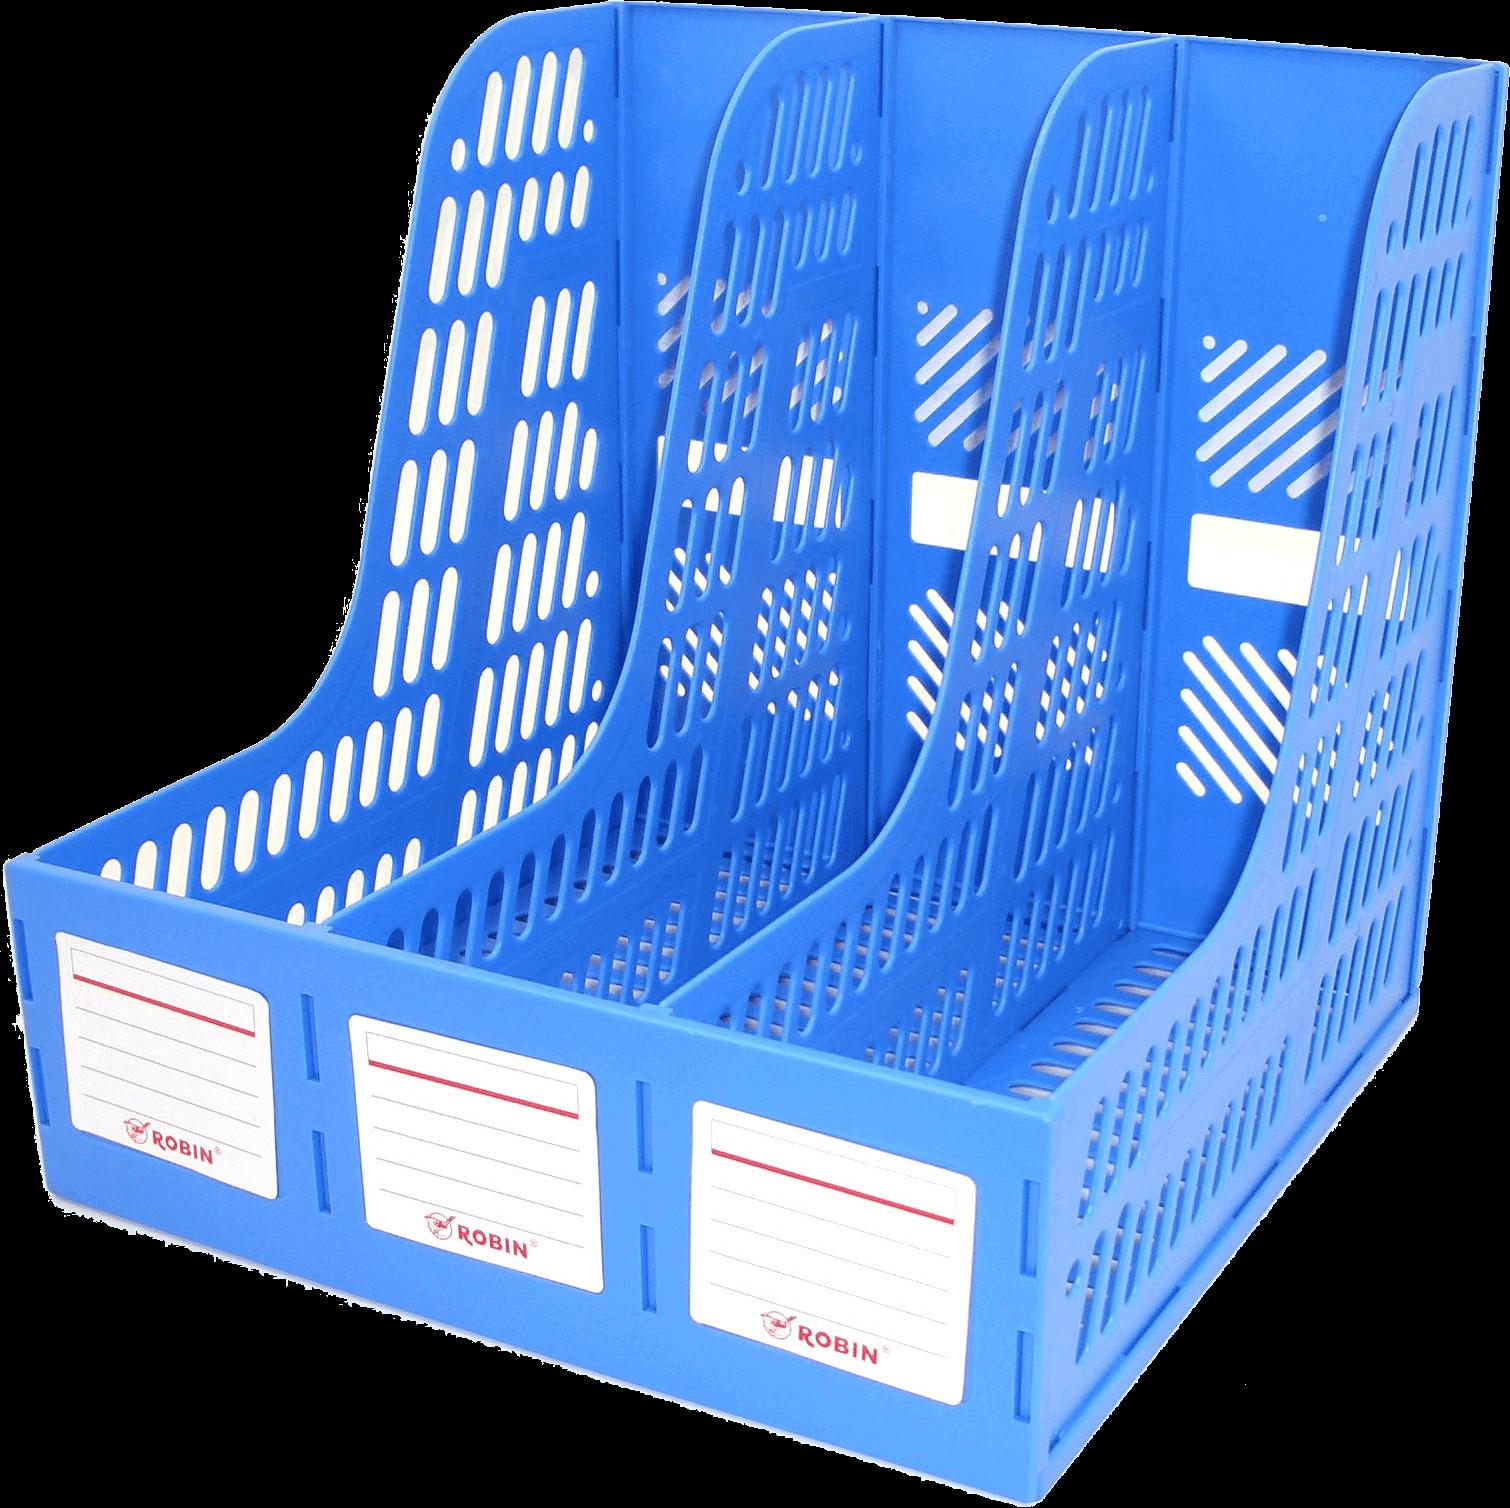 กล่องใส่เอกสารพลาสติก 3 ช่อง Robin 123 สีน้ำเงิน